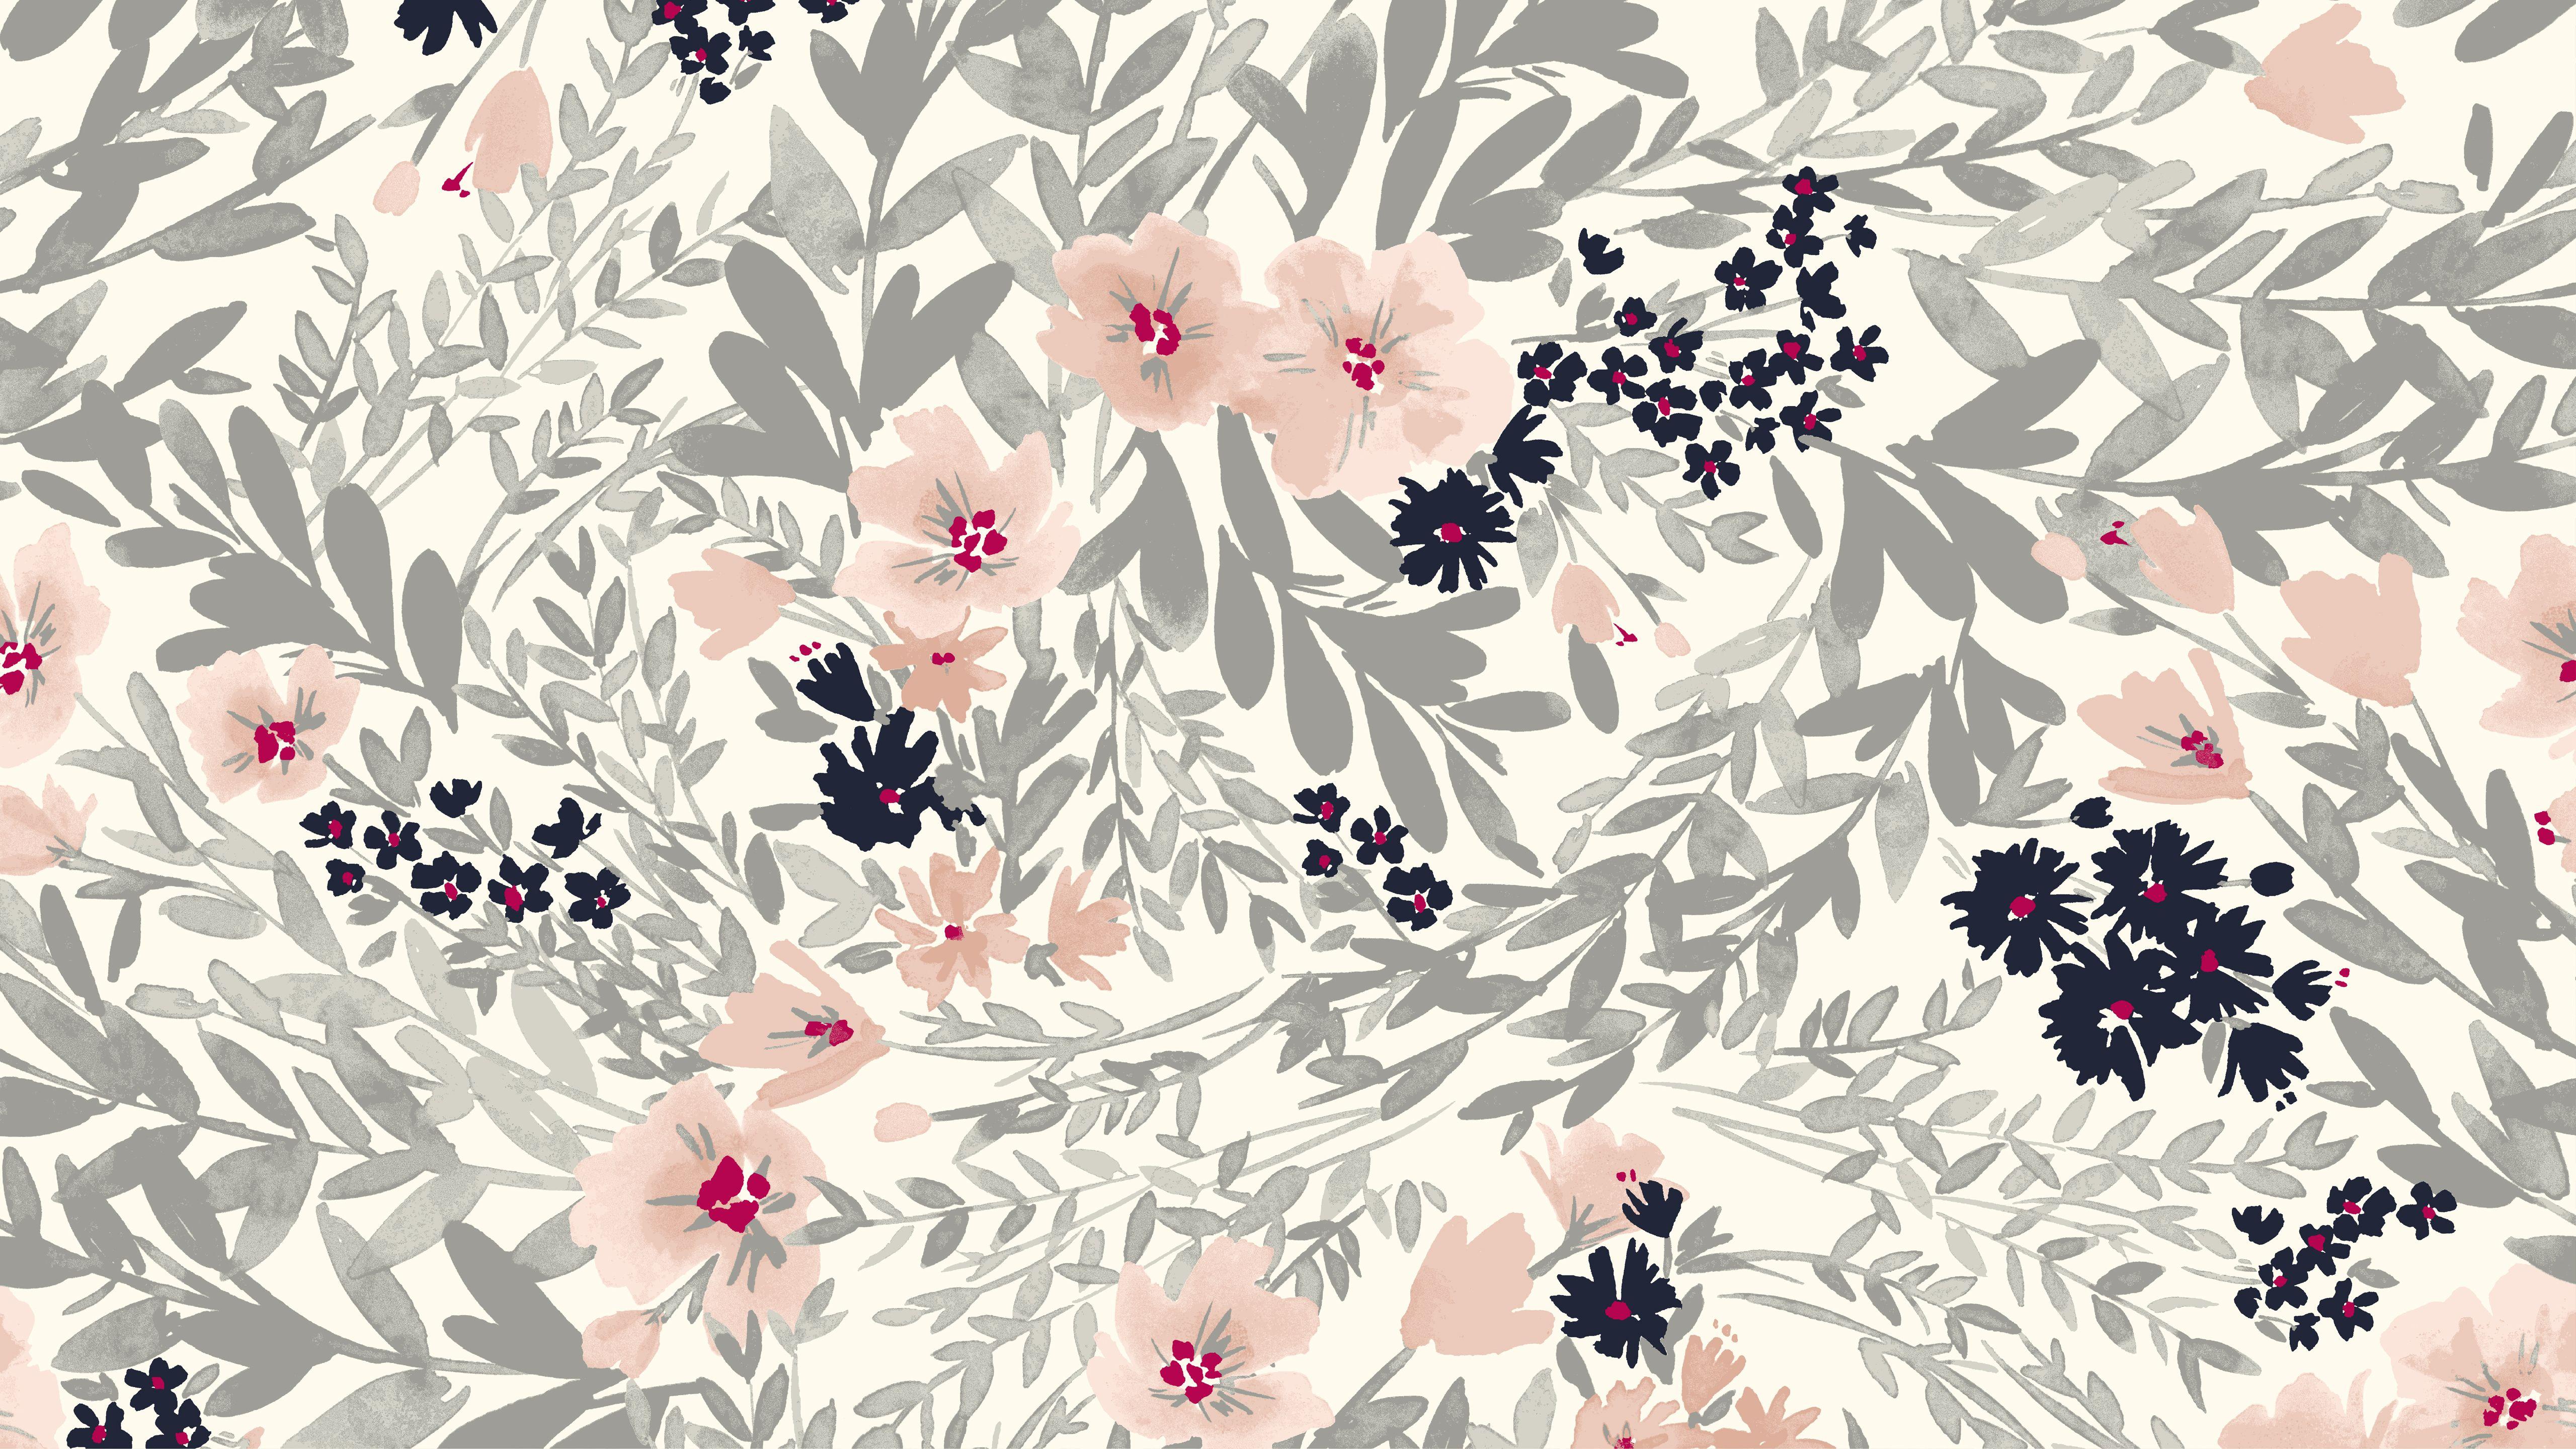 55 Floral Pattern Desktop Wallpapers   Download at WallpaperBro 5120x2880